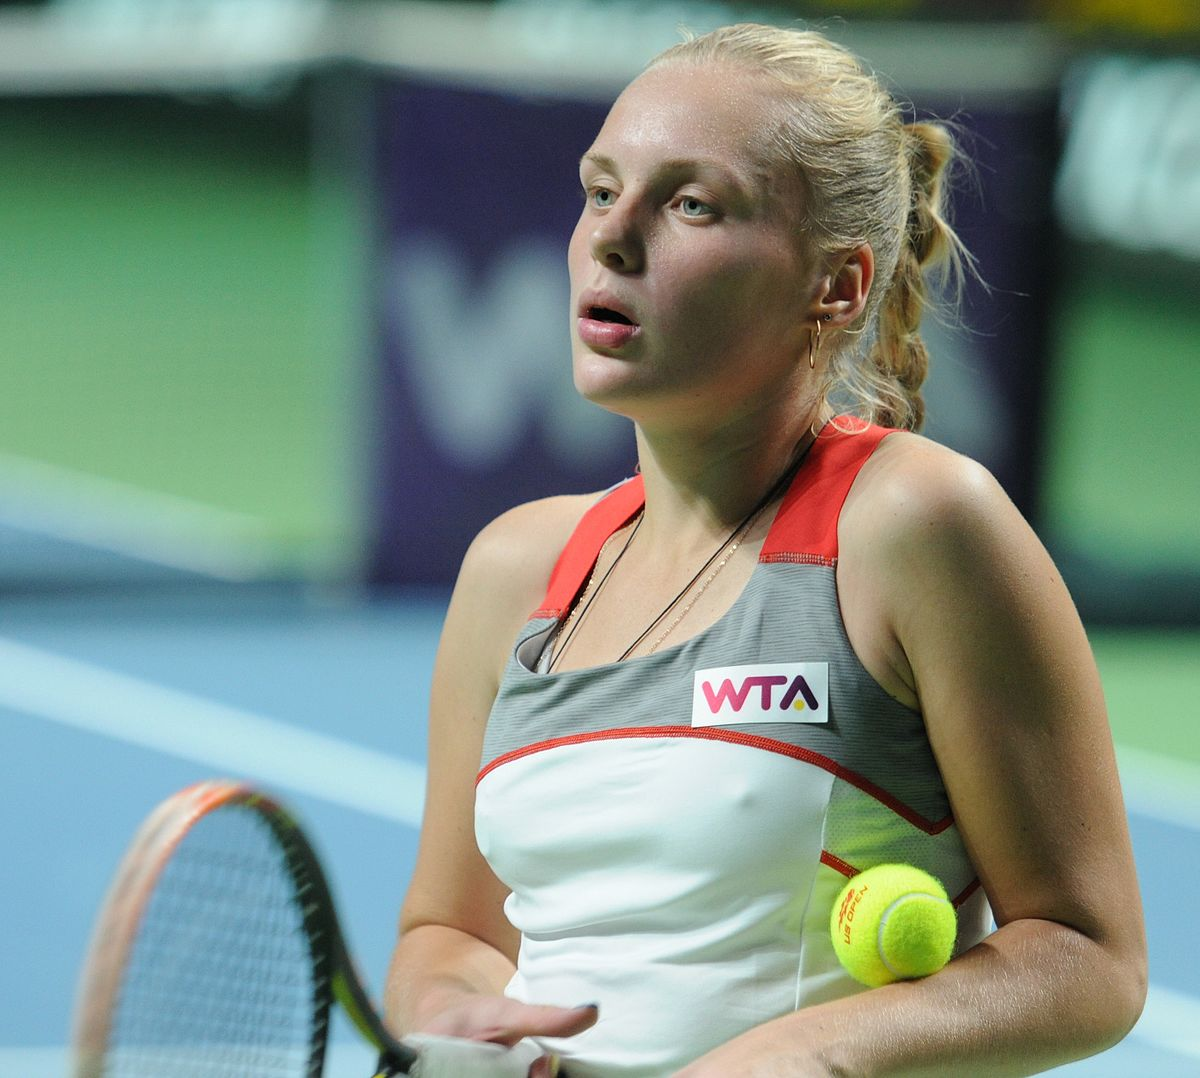 Прогноз на матч: Виктория Азаренко – Карла Суарес-Наварро – 13 августа 2018 года